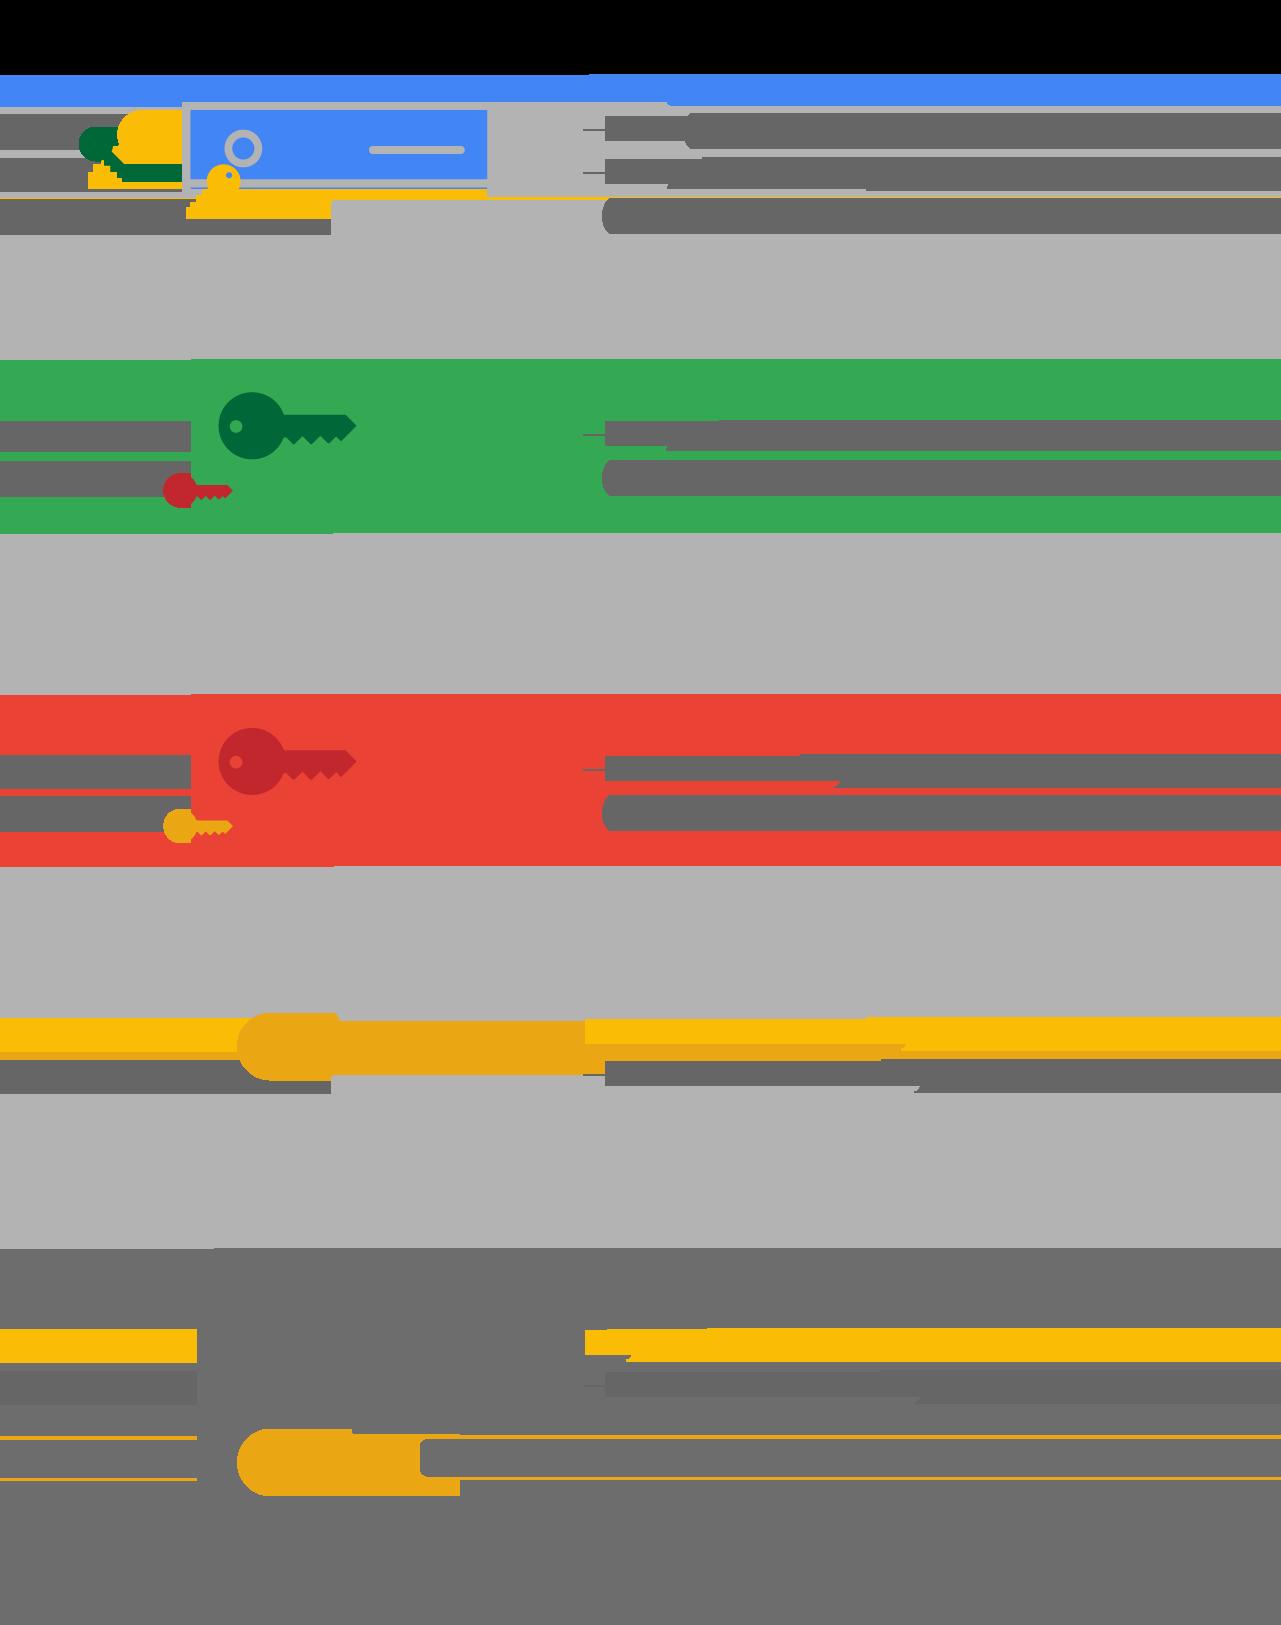 Google の暗号化階層の図